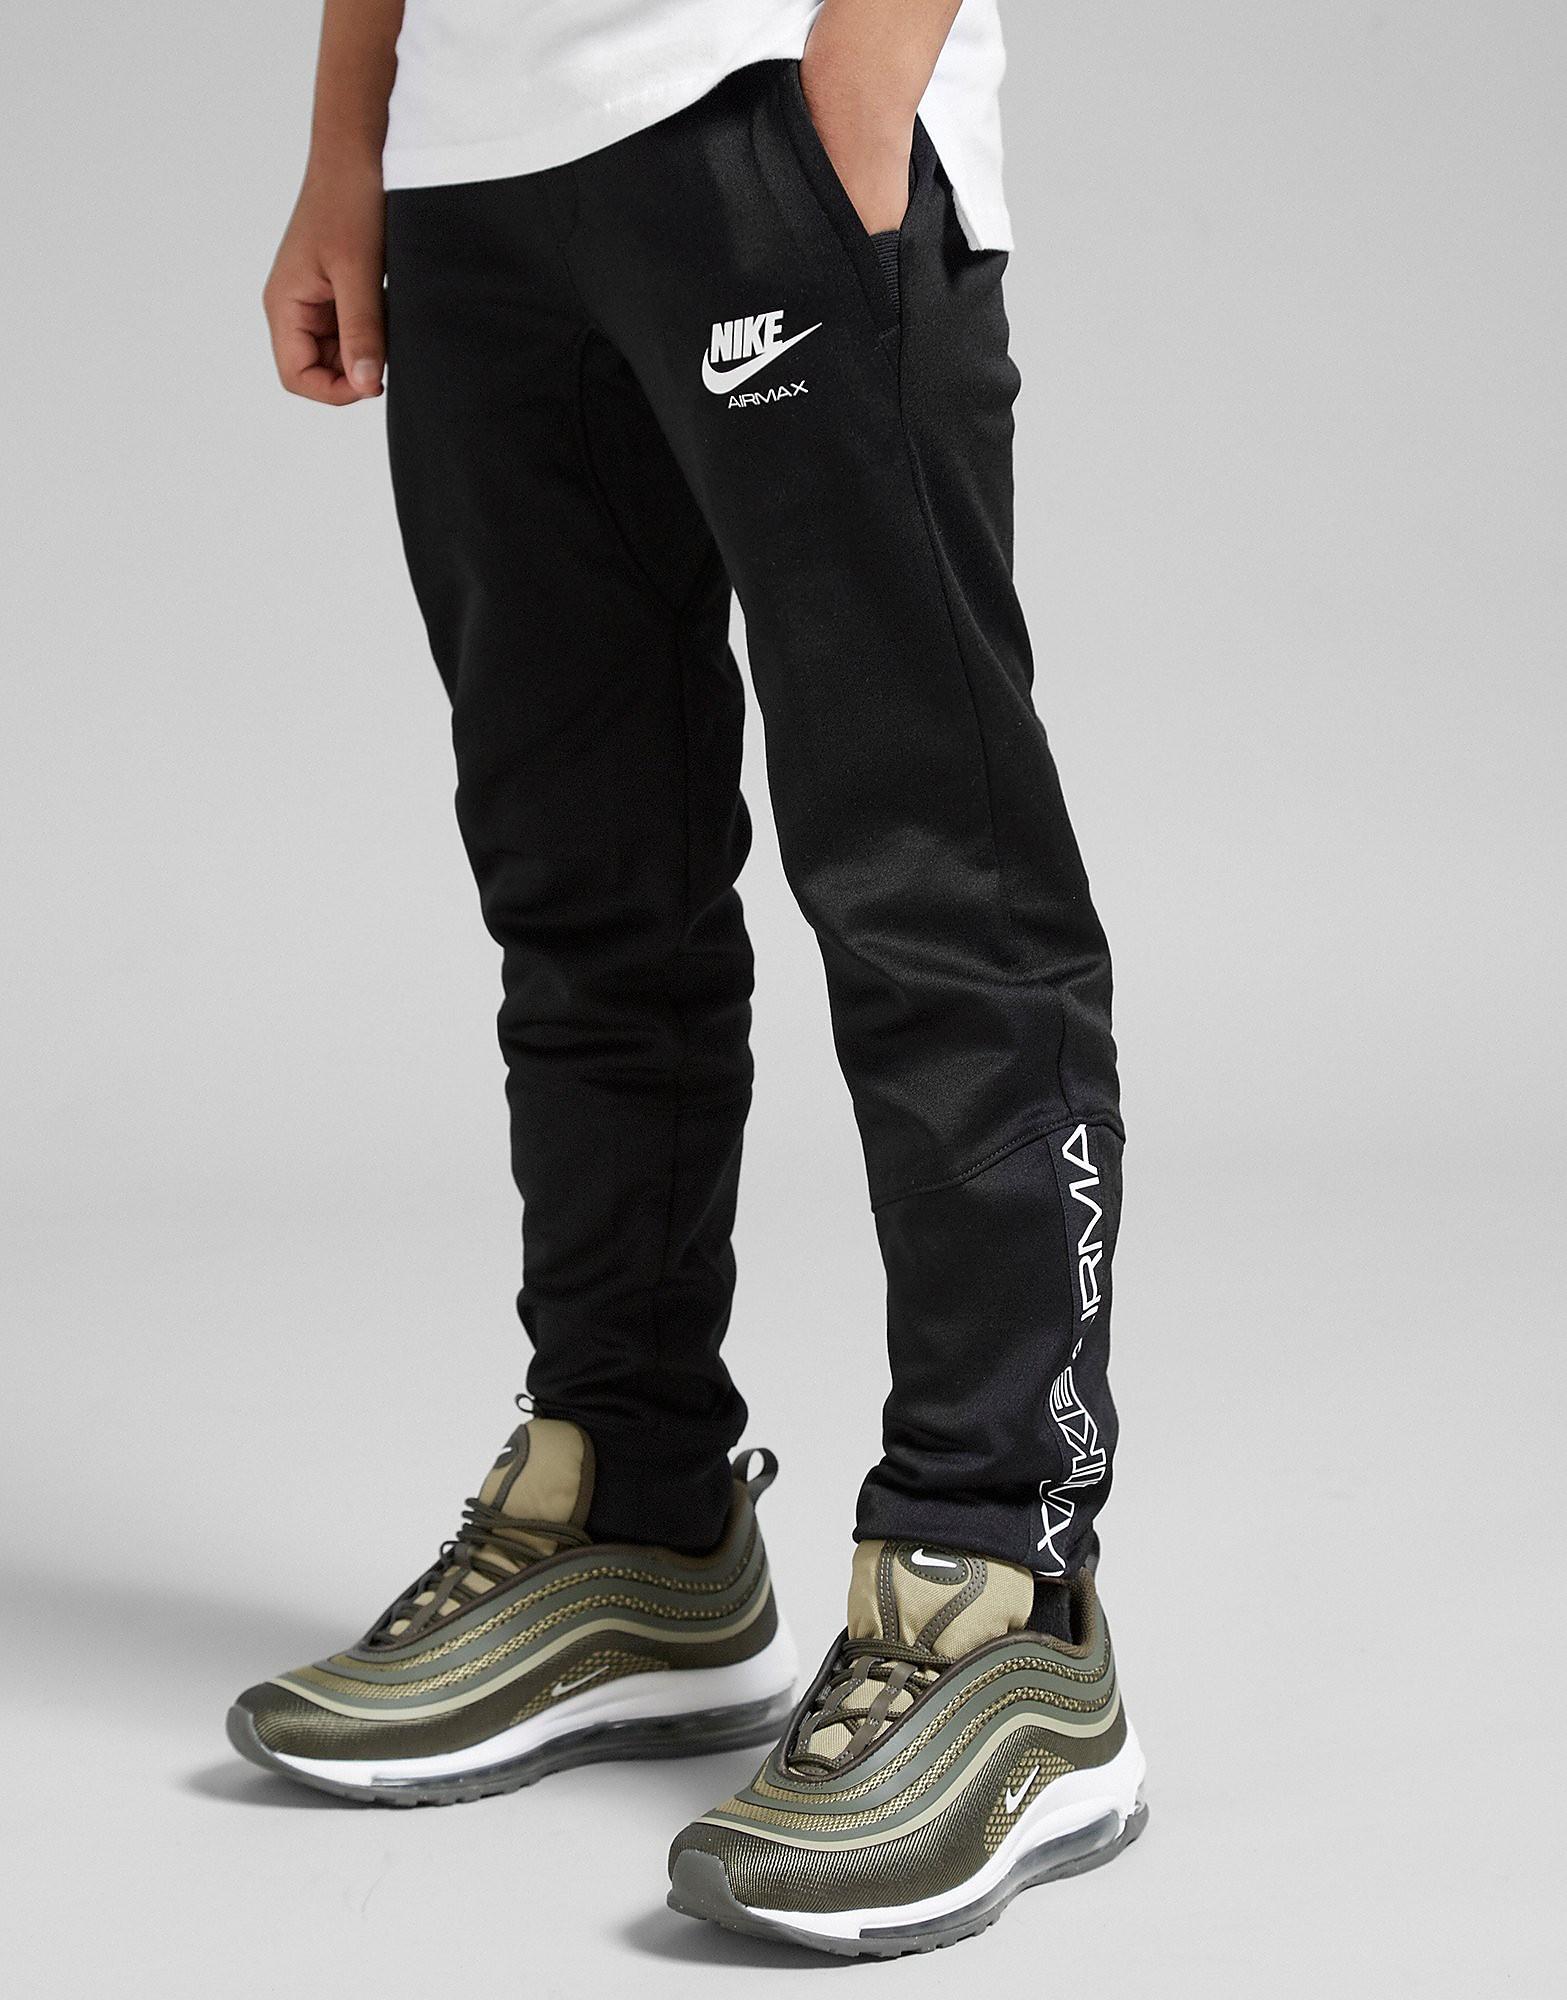 Nike Air Max Hosen Junior Schwarz-Weiß